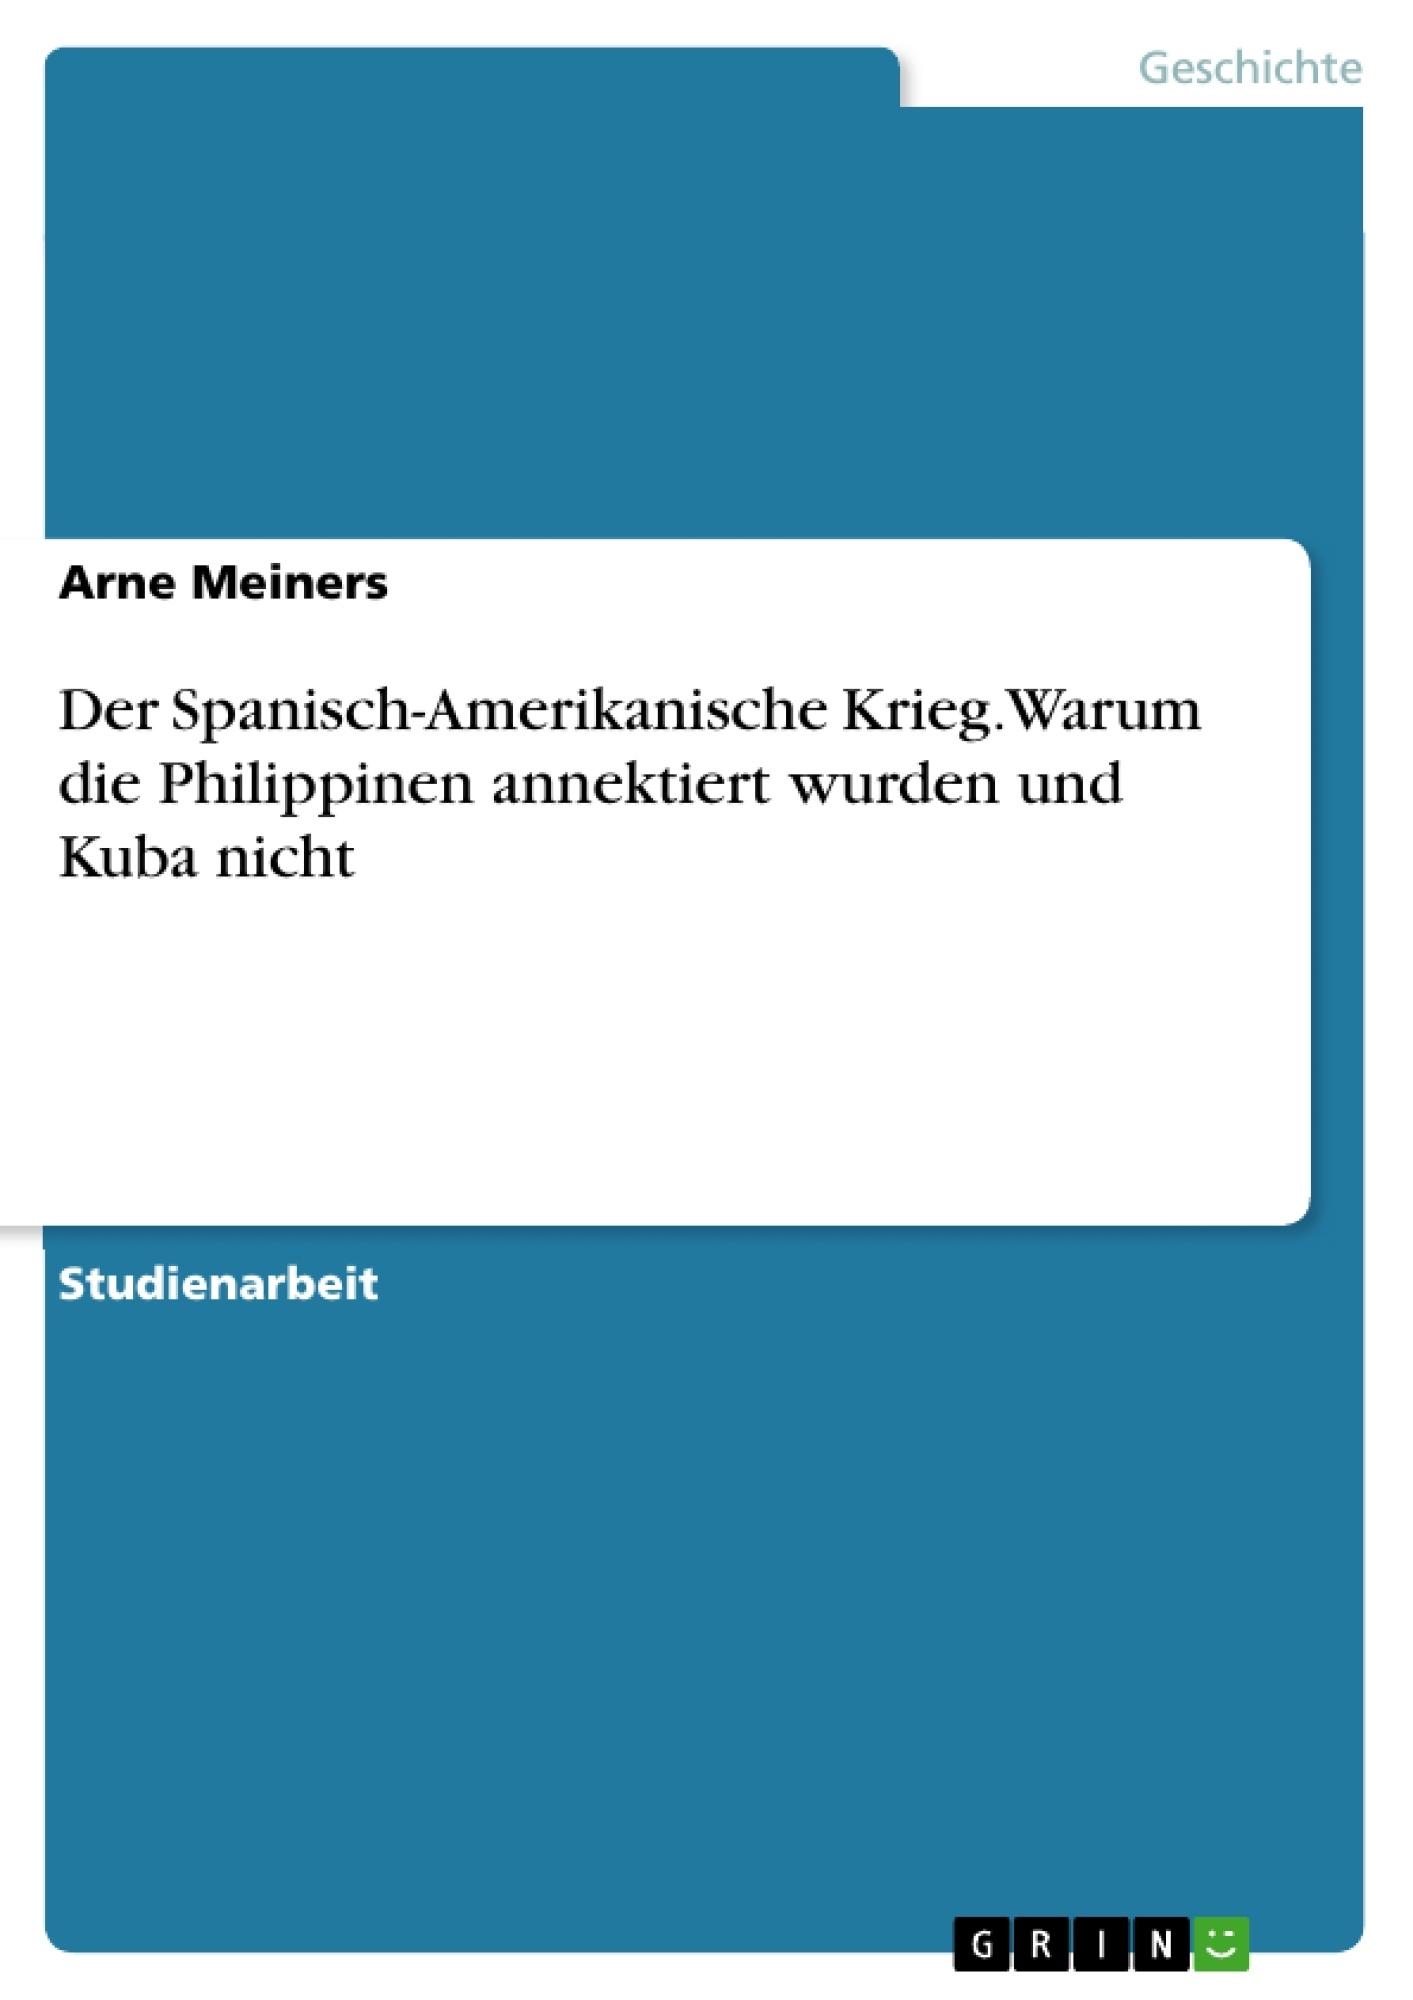 Titel: Der Spanisch-Amerikanische Krieg. Warum die Philippinen annektiert wurden und Kuba nicht